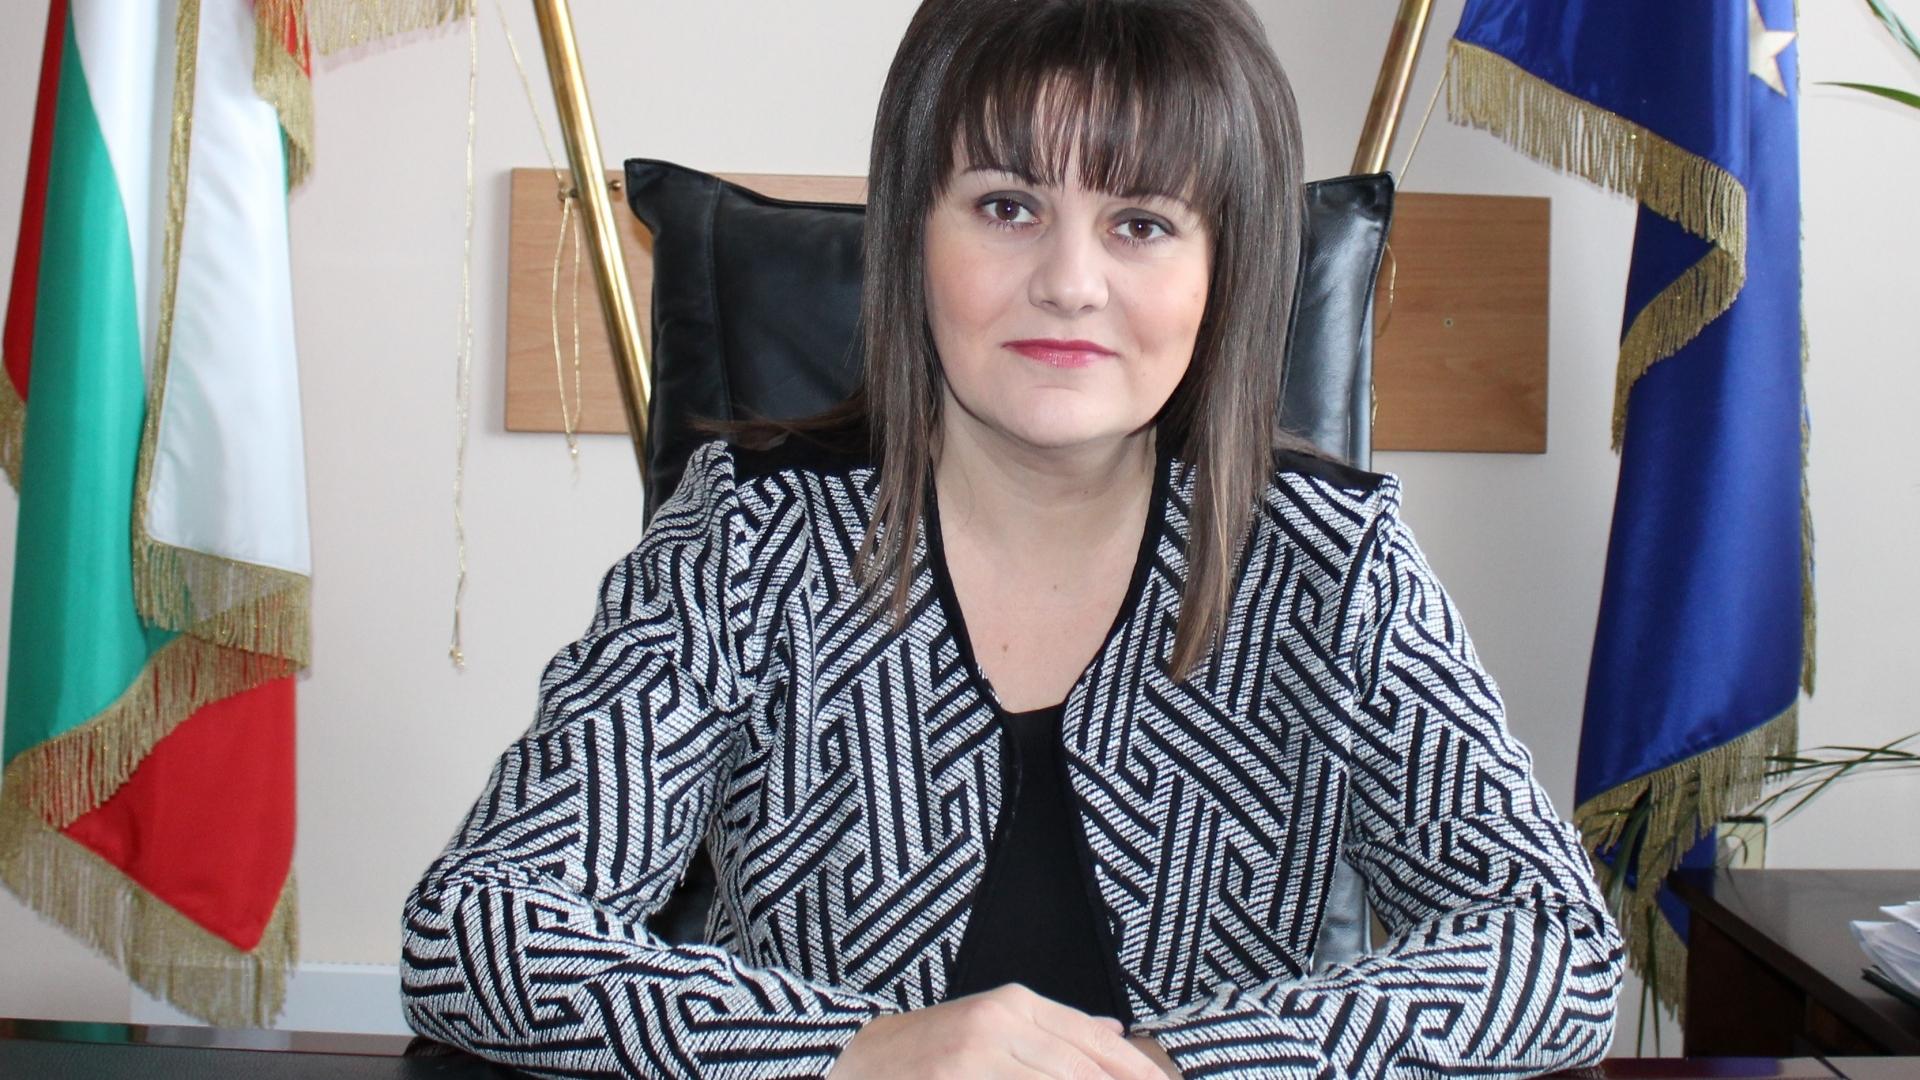 Поздравителен адрес от Областния управител на област Видин по повод Коледните и Новогодишни празници